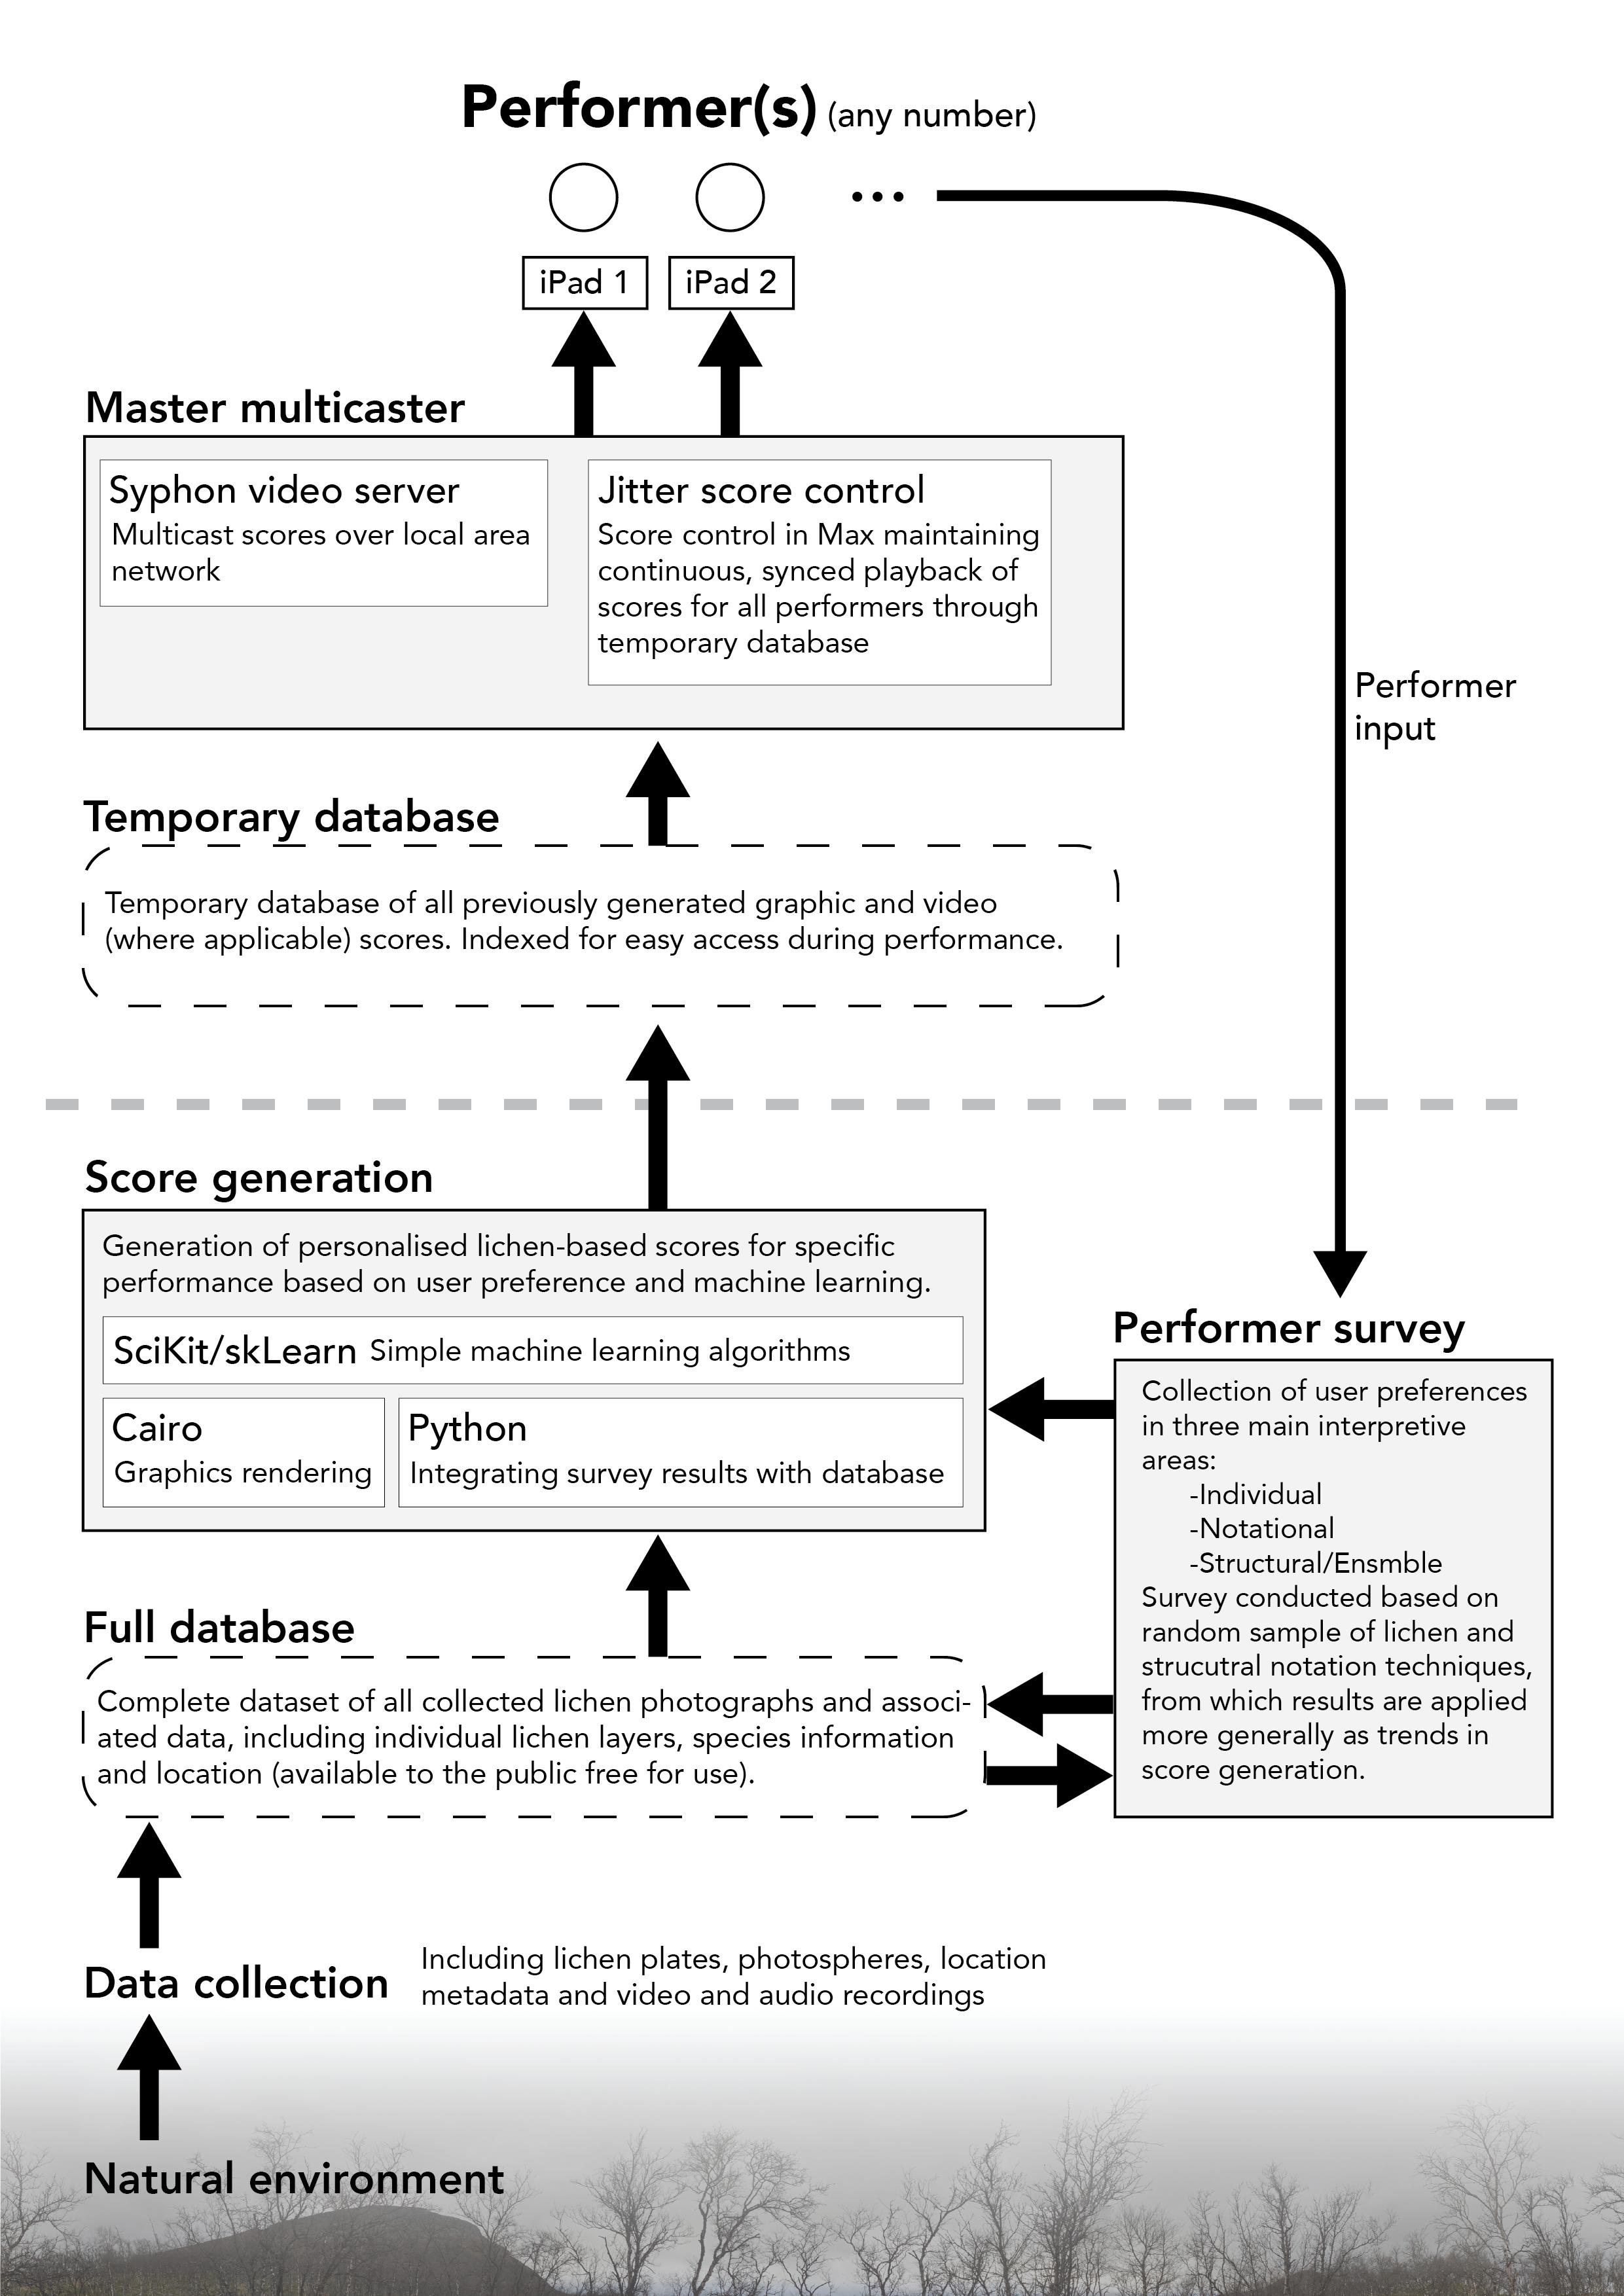 diagramsforweb-03.png